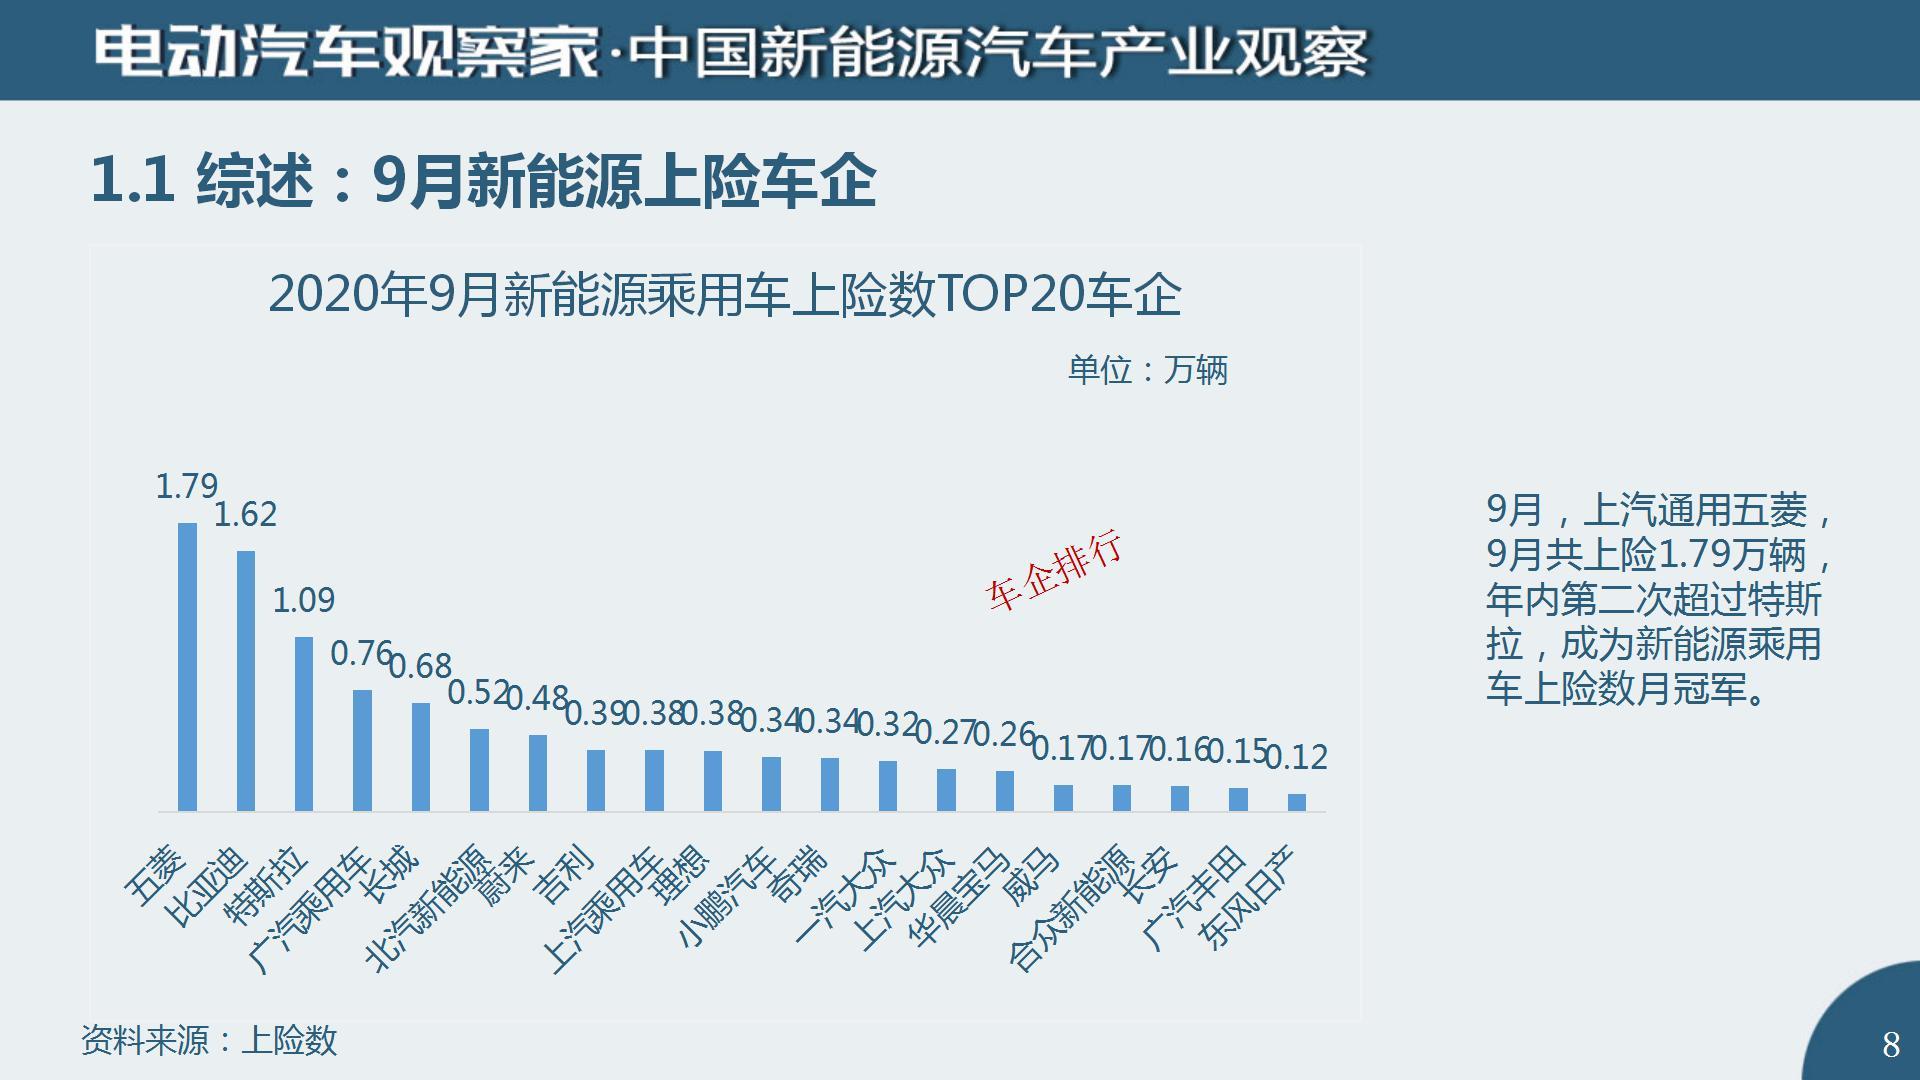 中国新能源汽车产业观察2020年9月(2)_08